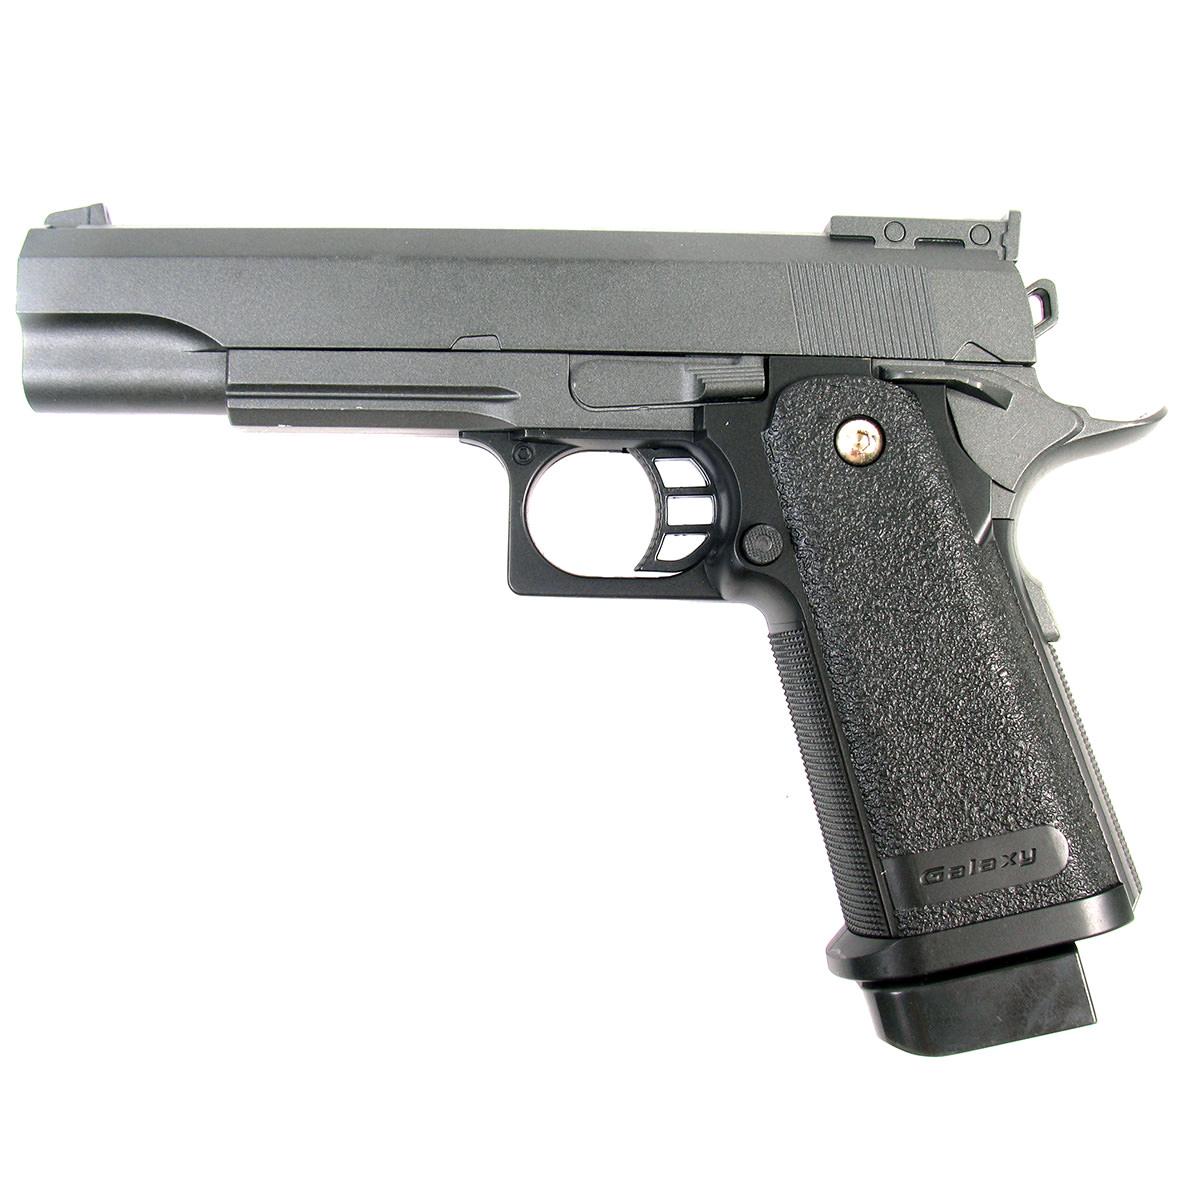 Пружинный пистолет G.6 является репликой известного мощного пистолета Hi-Capa .45. Корпус пистолета цельнометаллический. В магазин вмещается 16 шариков BB 6 мм. Выстрел из пистолета осуществляется с помощью пружины, максимальная начальная скорость выстрела не более 50 м/с. Прицельные приспособления не регулируемые, пистолет предназначен для стрельбы на короткие дистанции.